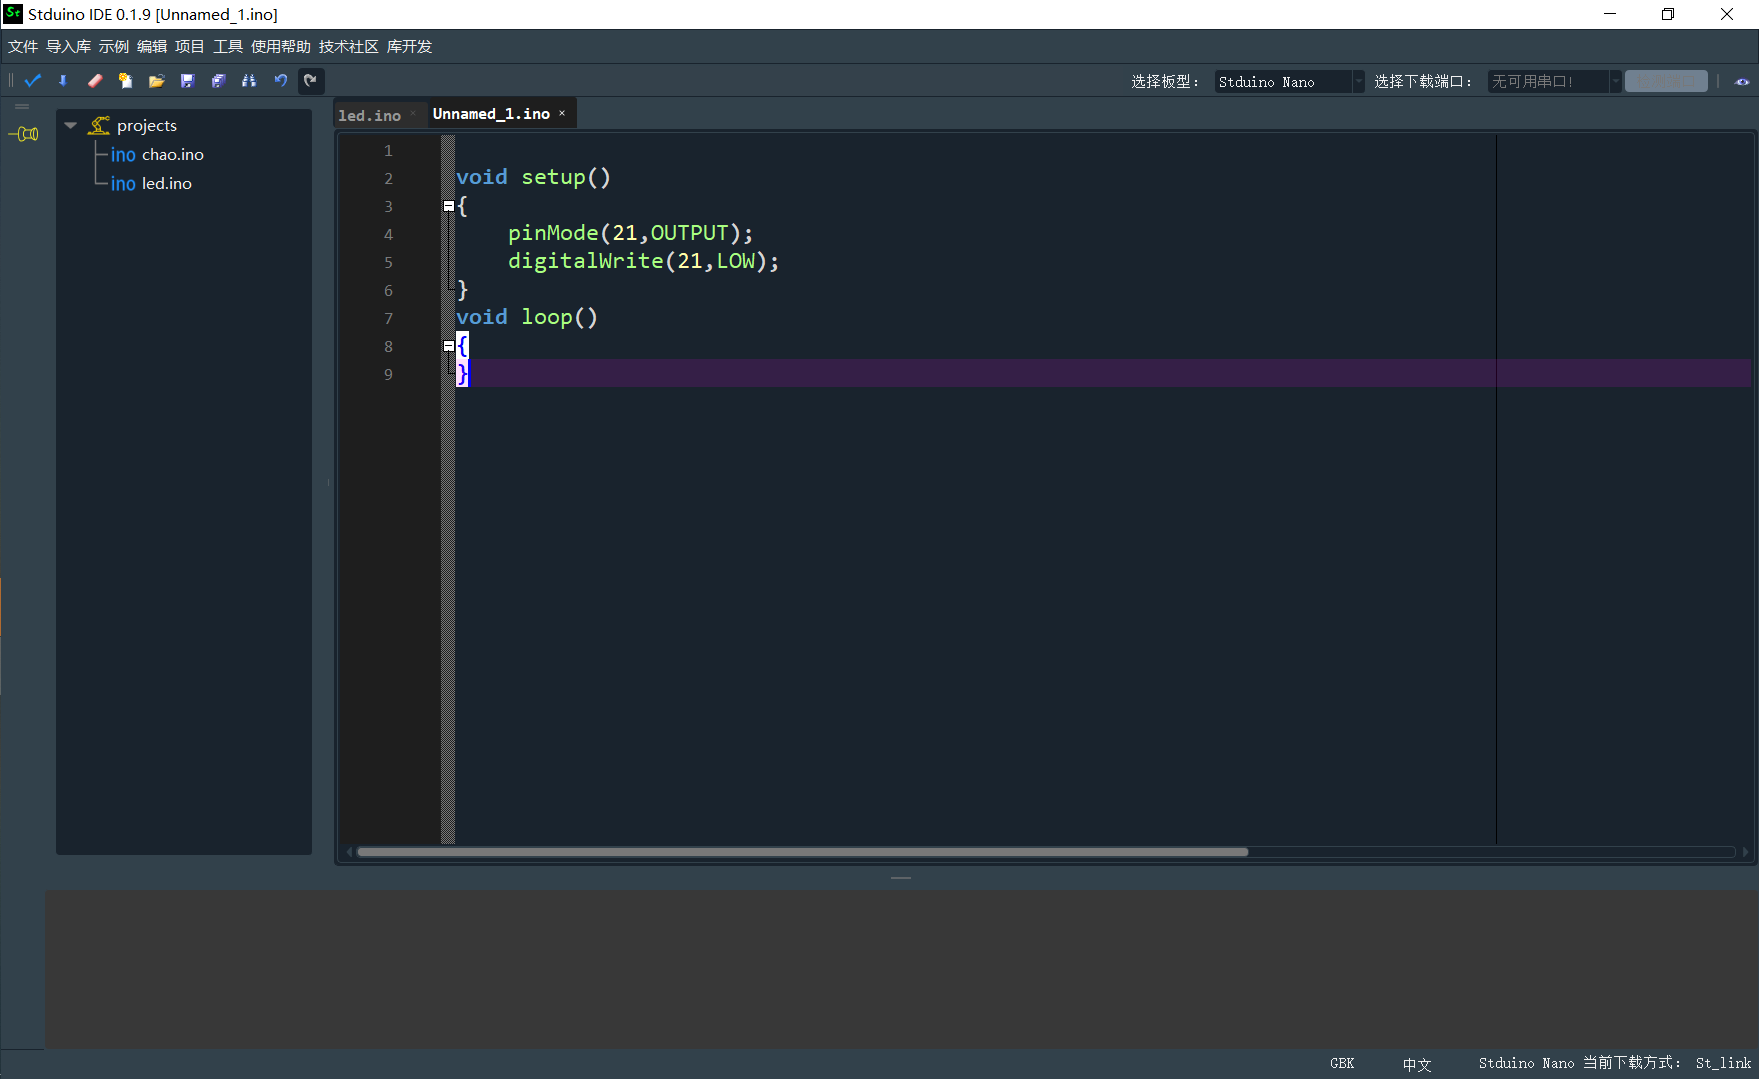 开发软件界面